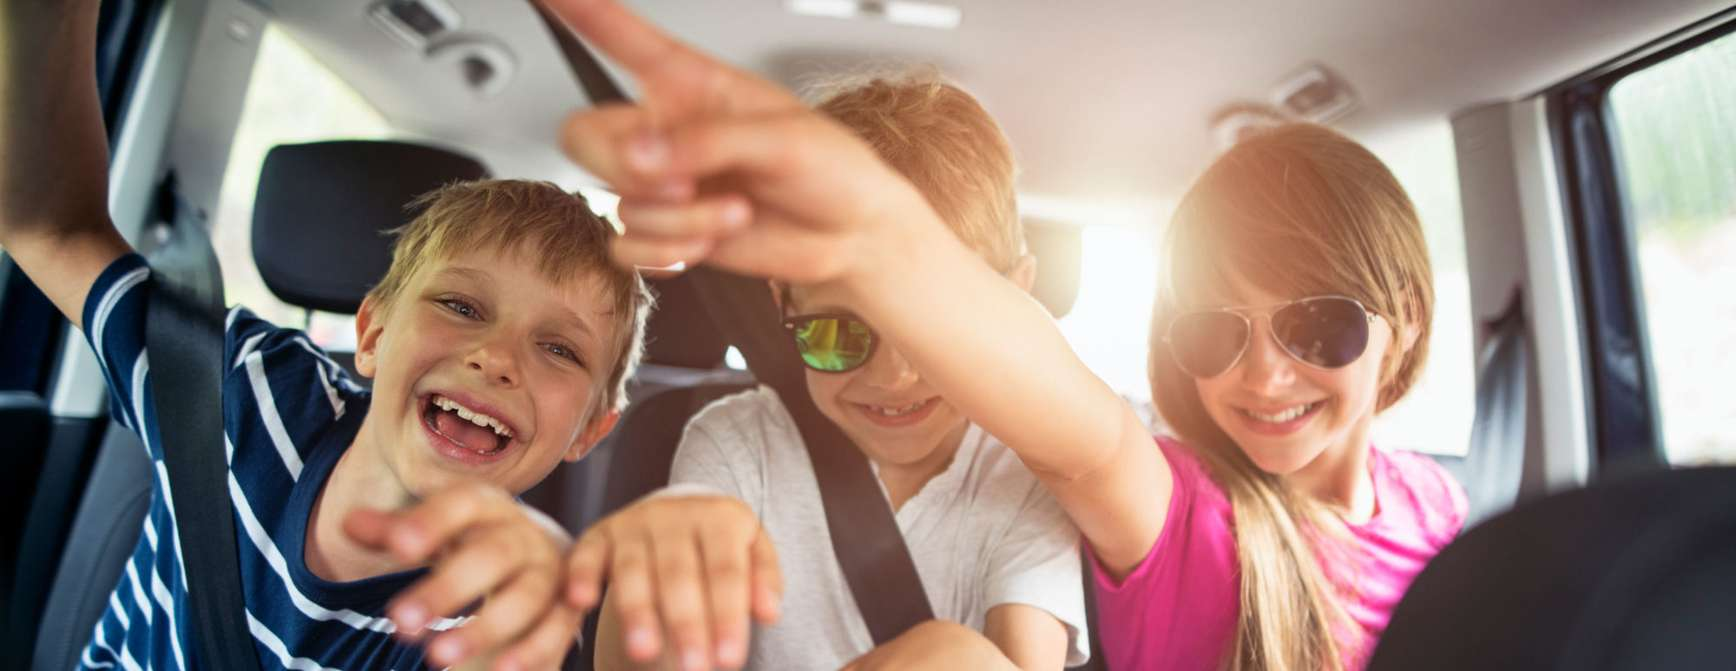 Tre barn i baksetet på en bil.